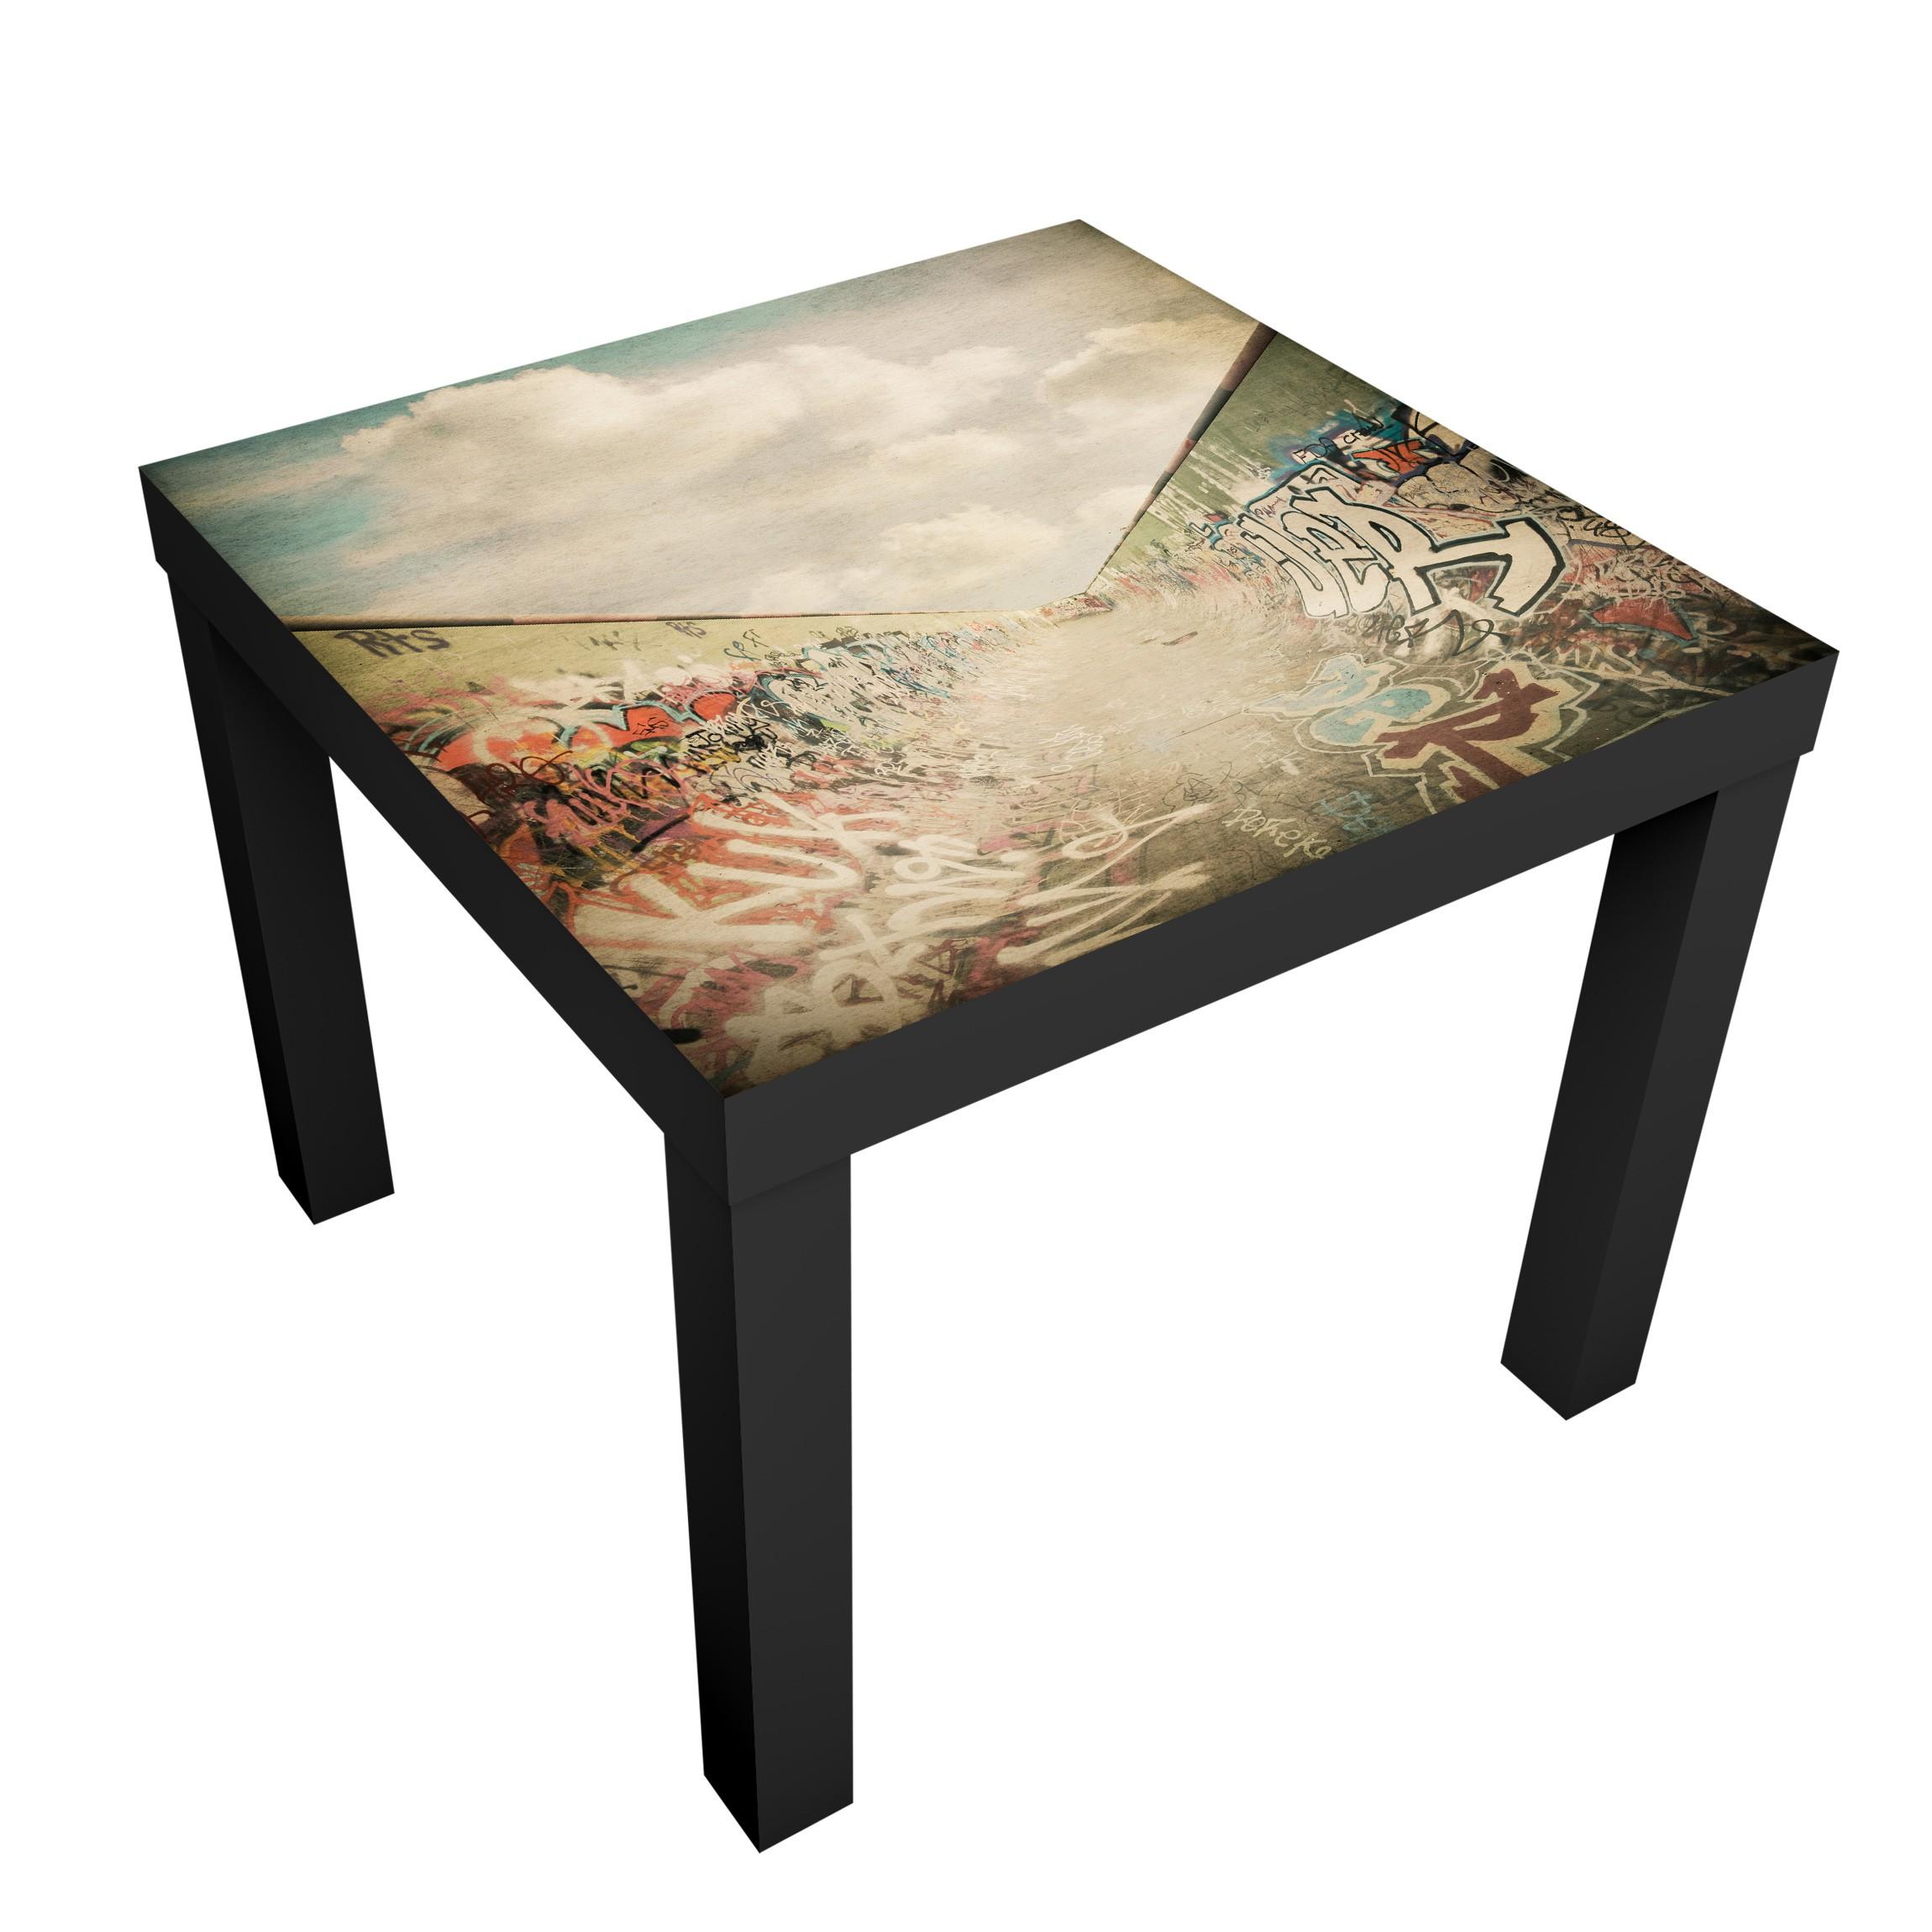 Carta adesiva per mobili ikea lack tavolino graffiti skate park - Carta plastificata adesiva per mobili ...